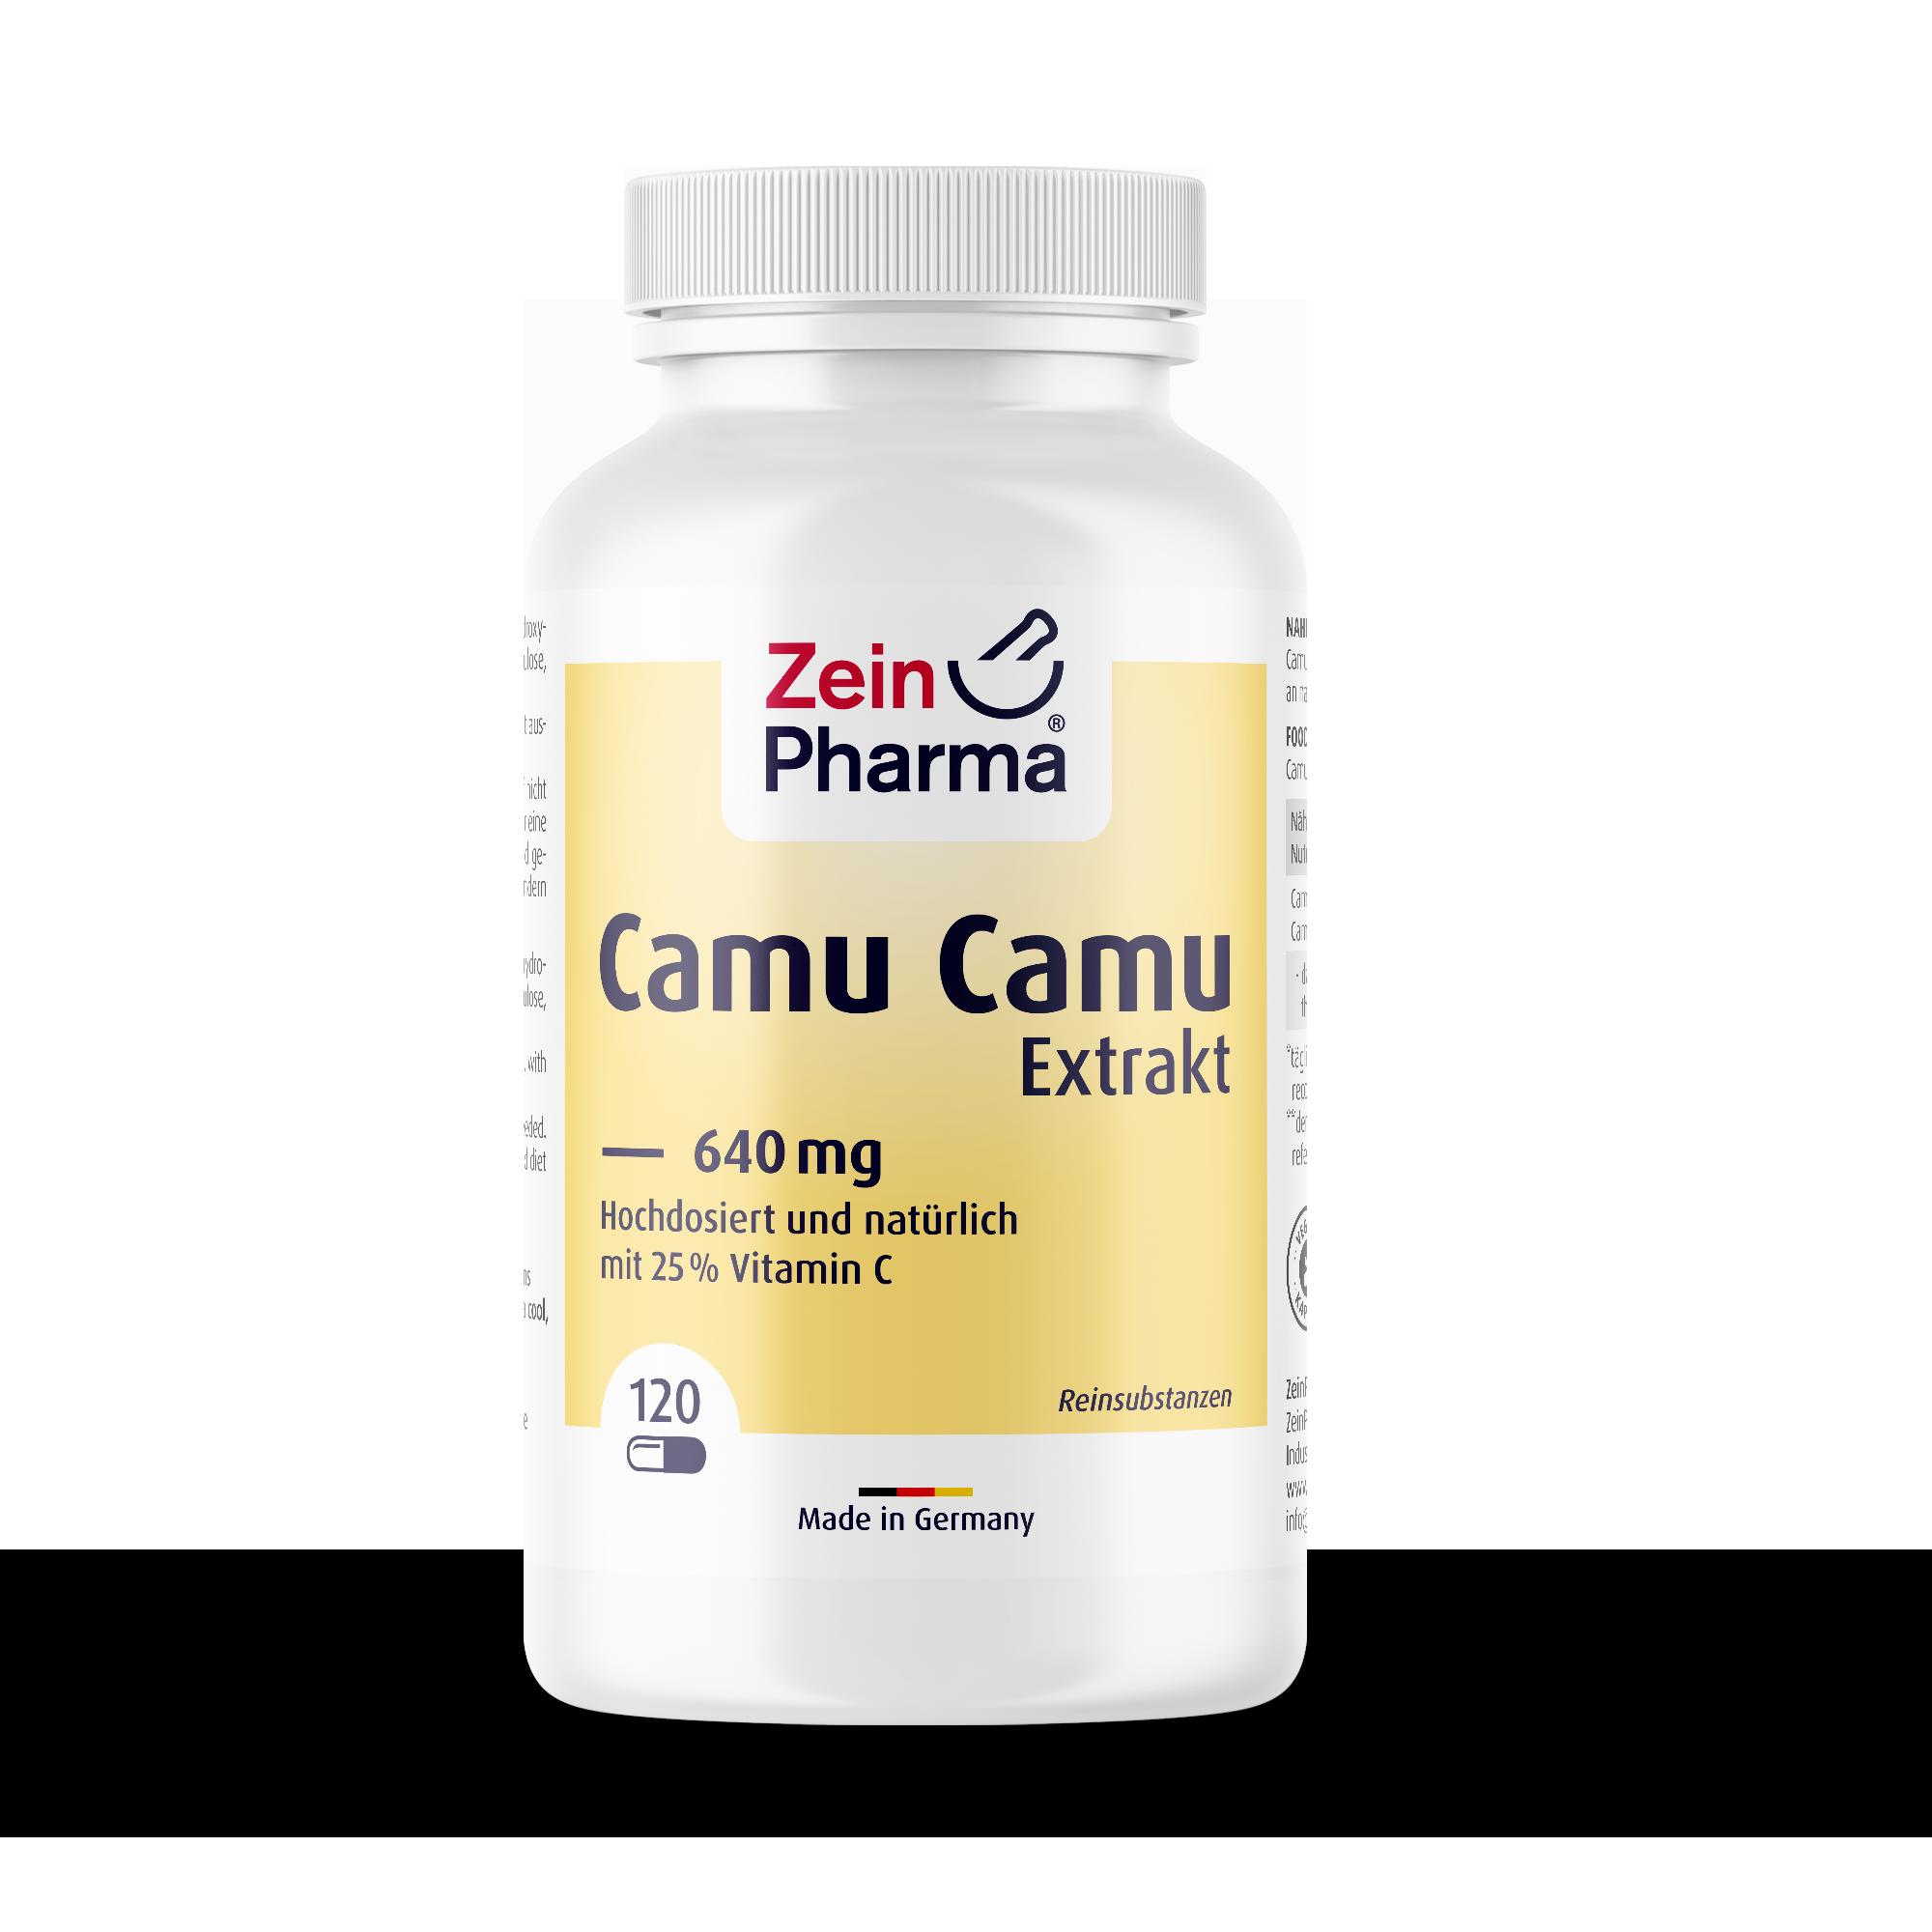 Camu Camu Extrakt 640 mg